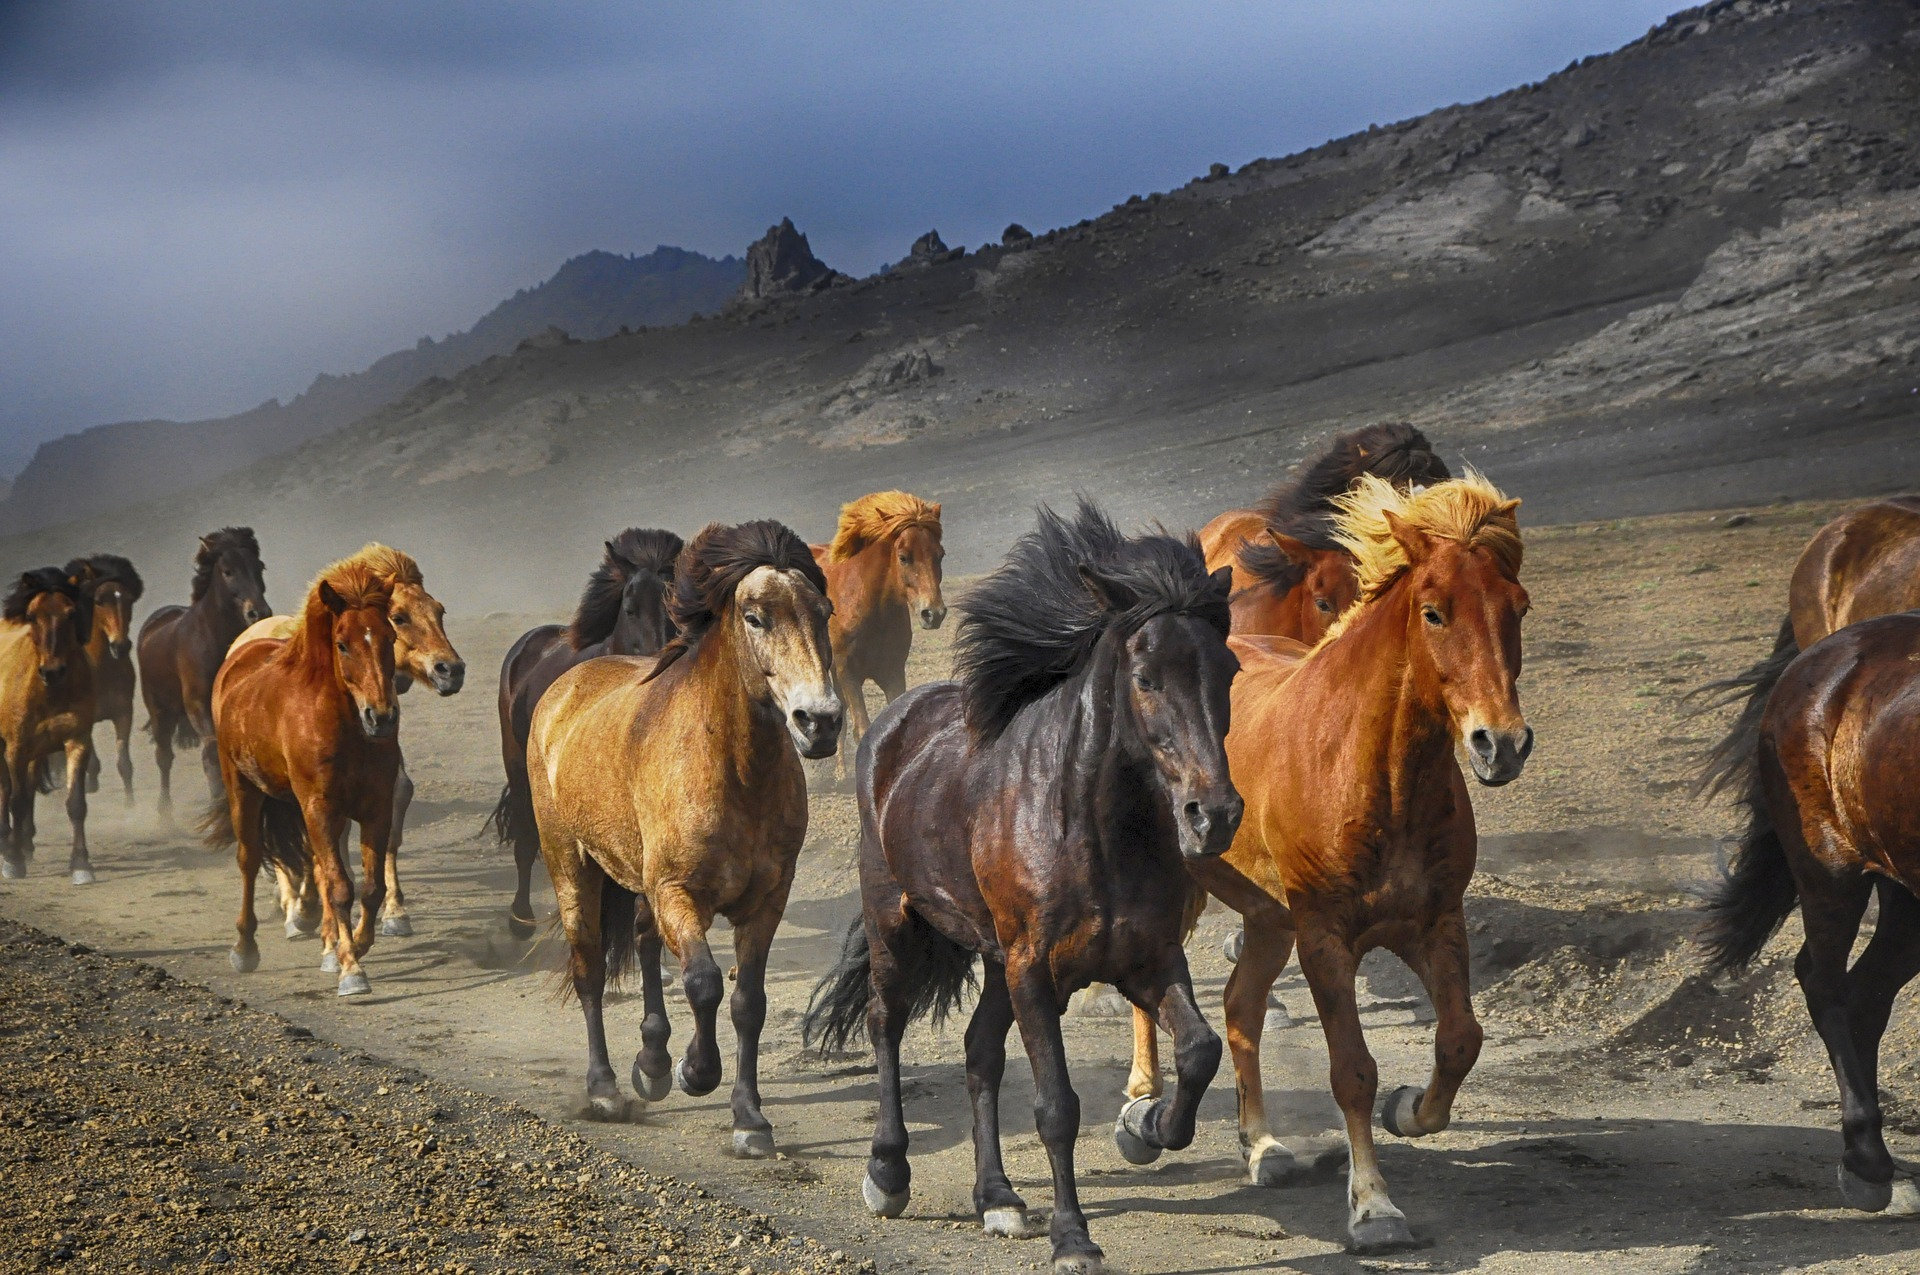 horses-2360048_1920.jpg